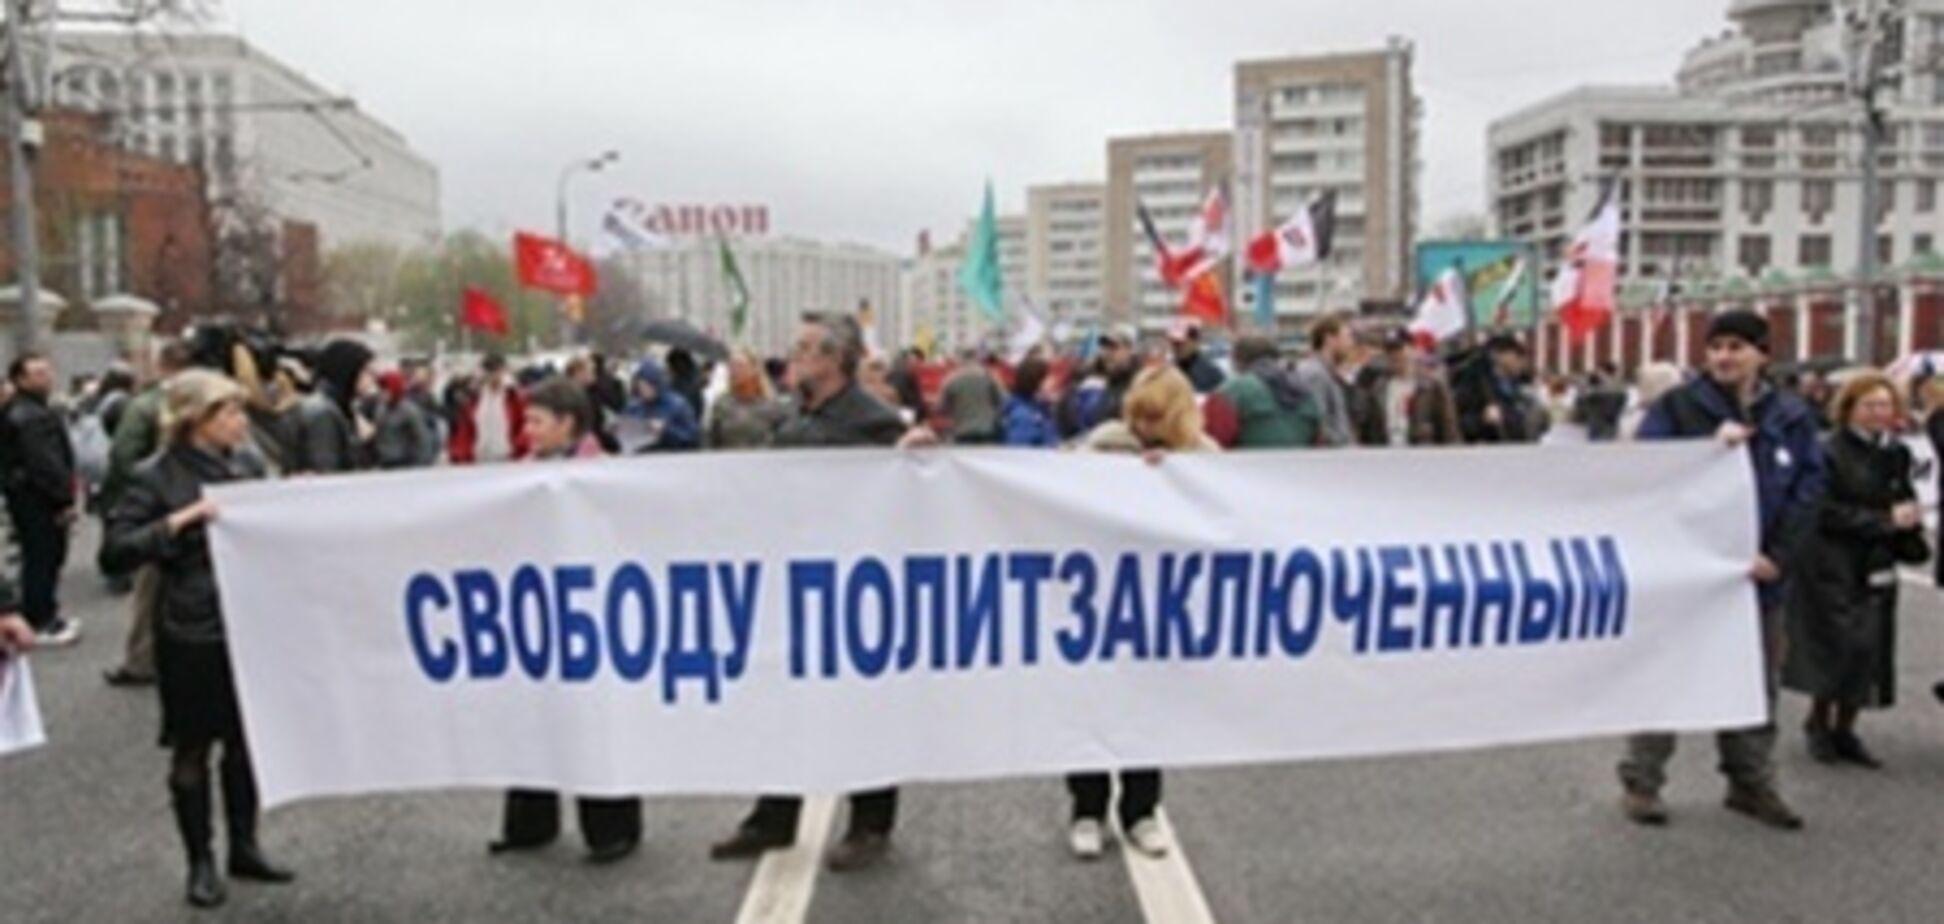 Власти согласовали протестную акцию в центре Москвы 12 июня